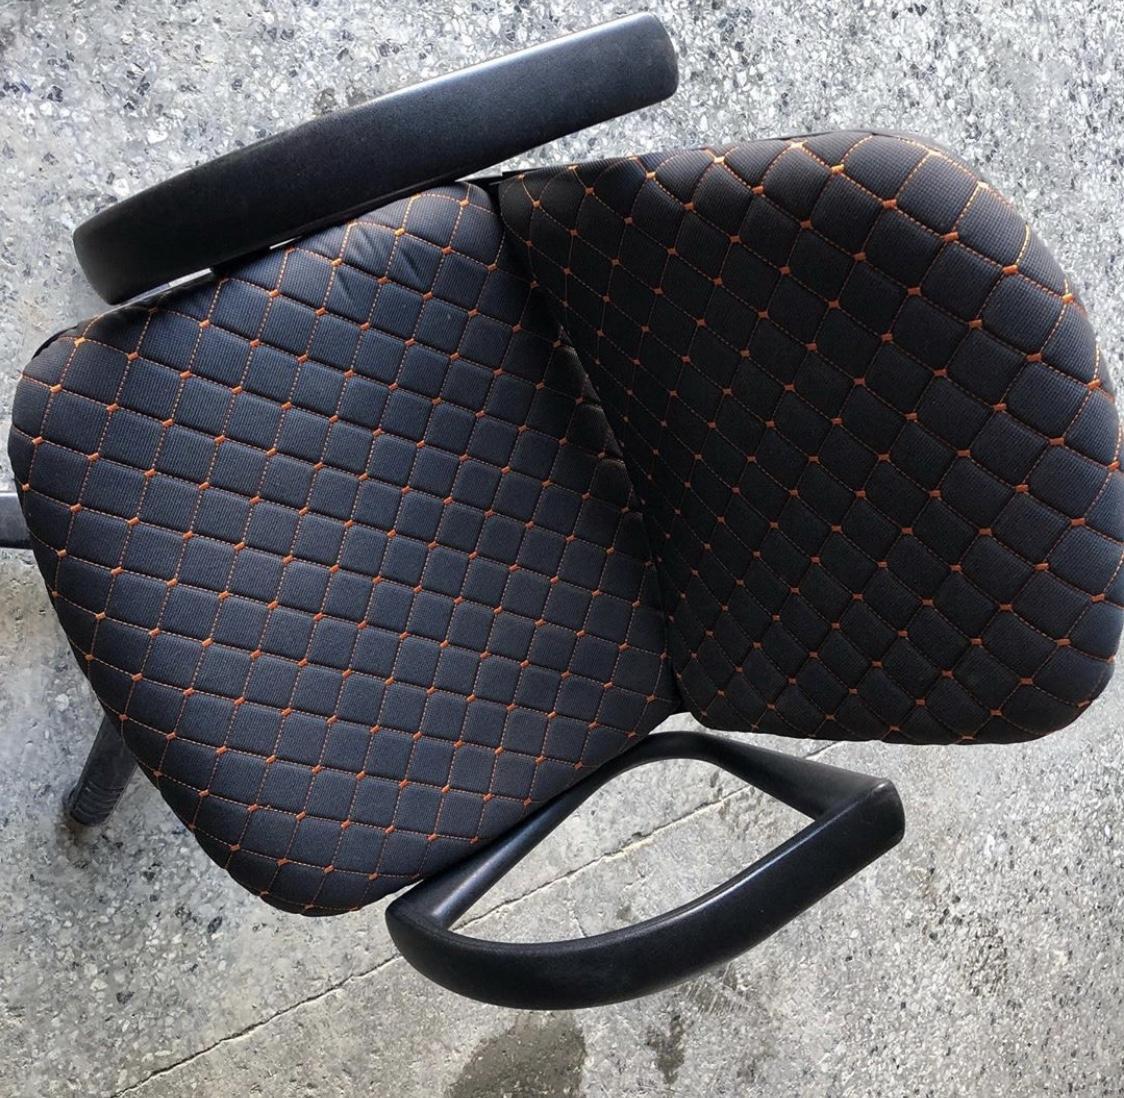 Ofis koltuğu döşemesi